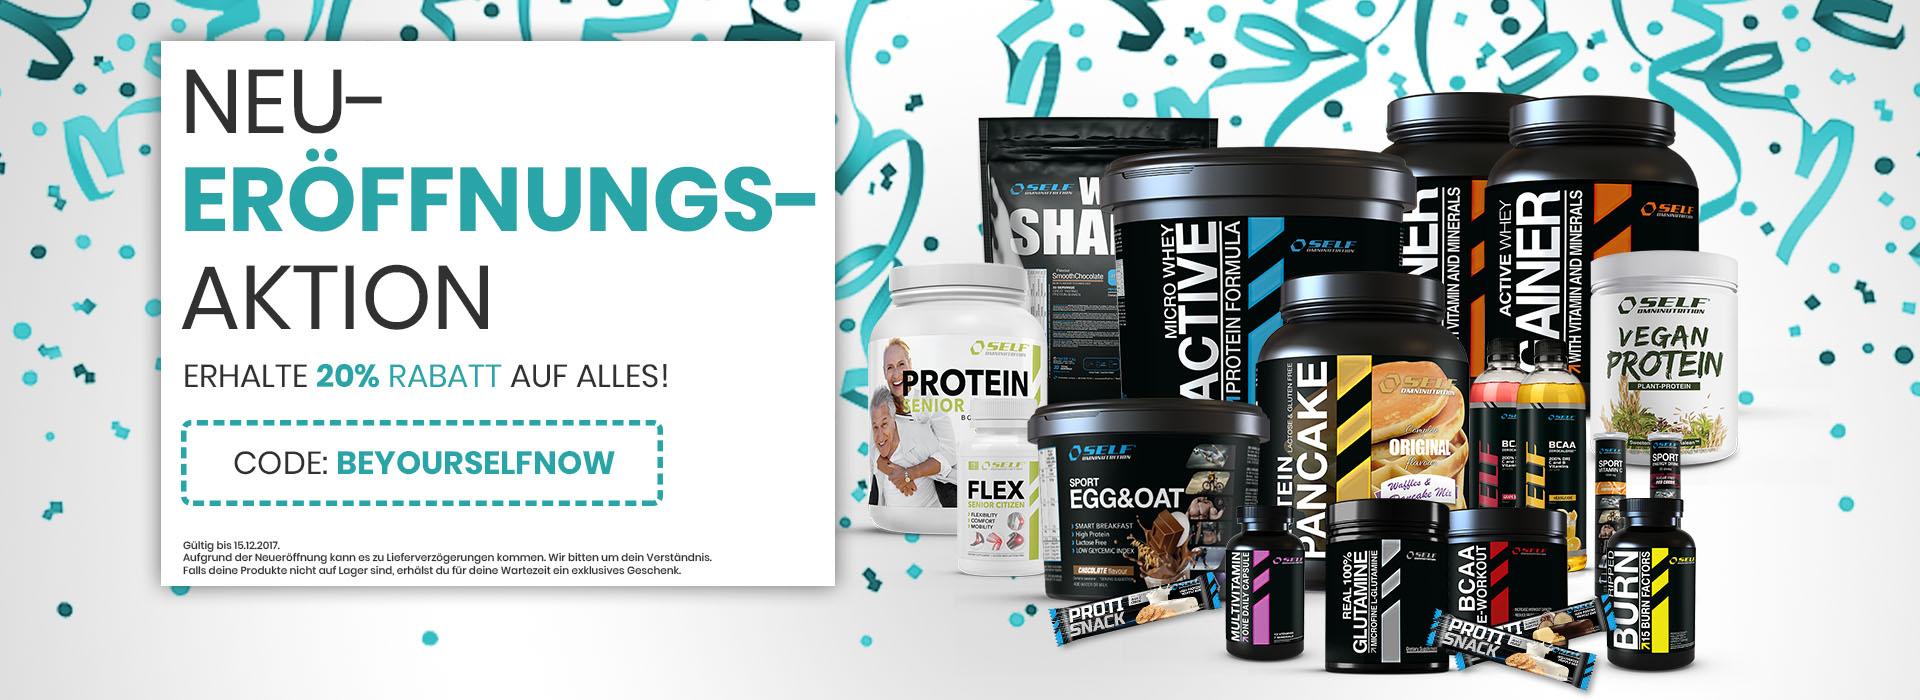 20% Rabatt auf alles bei be:yourself - Sportnahrung, Supplements, Vitamine etc.